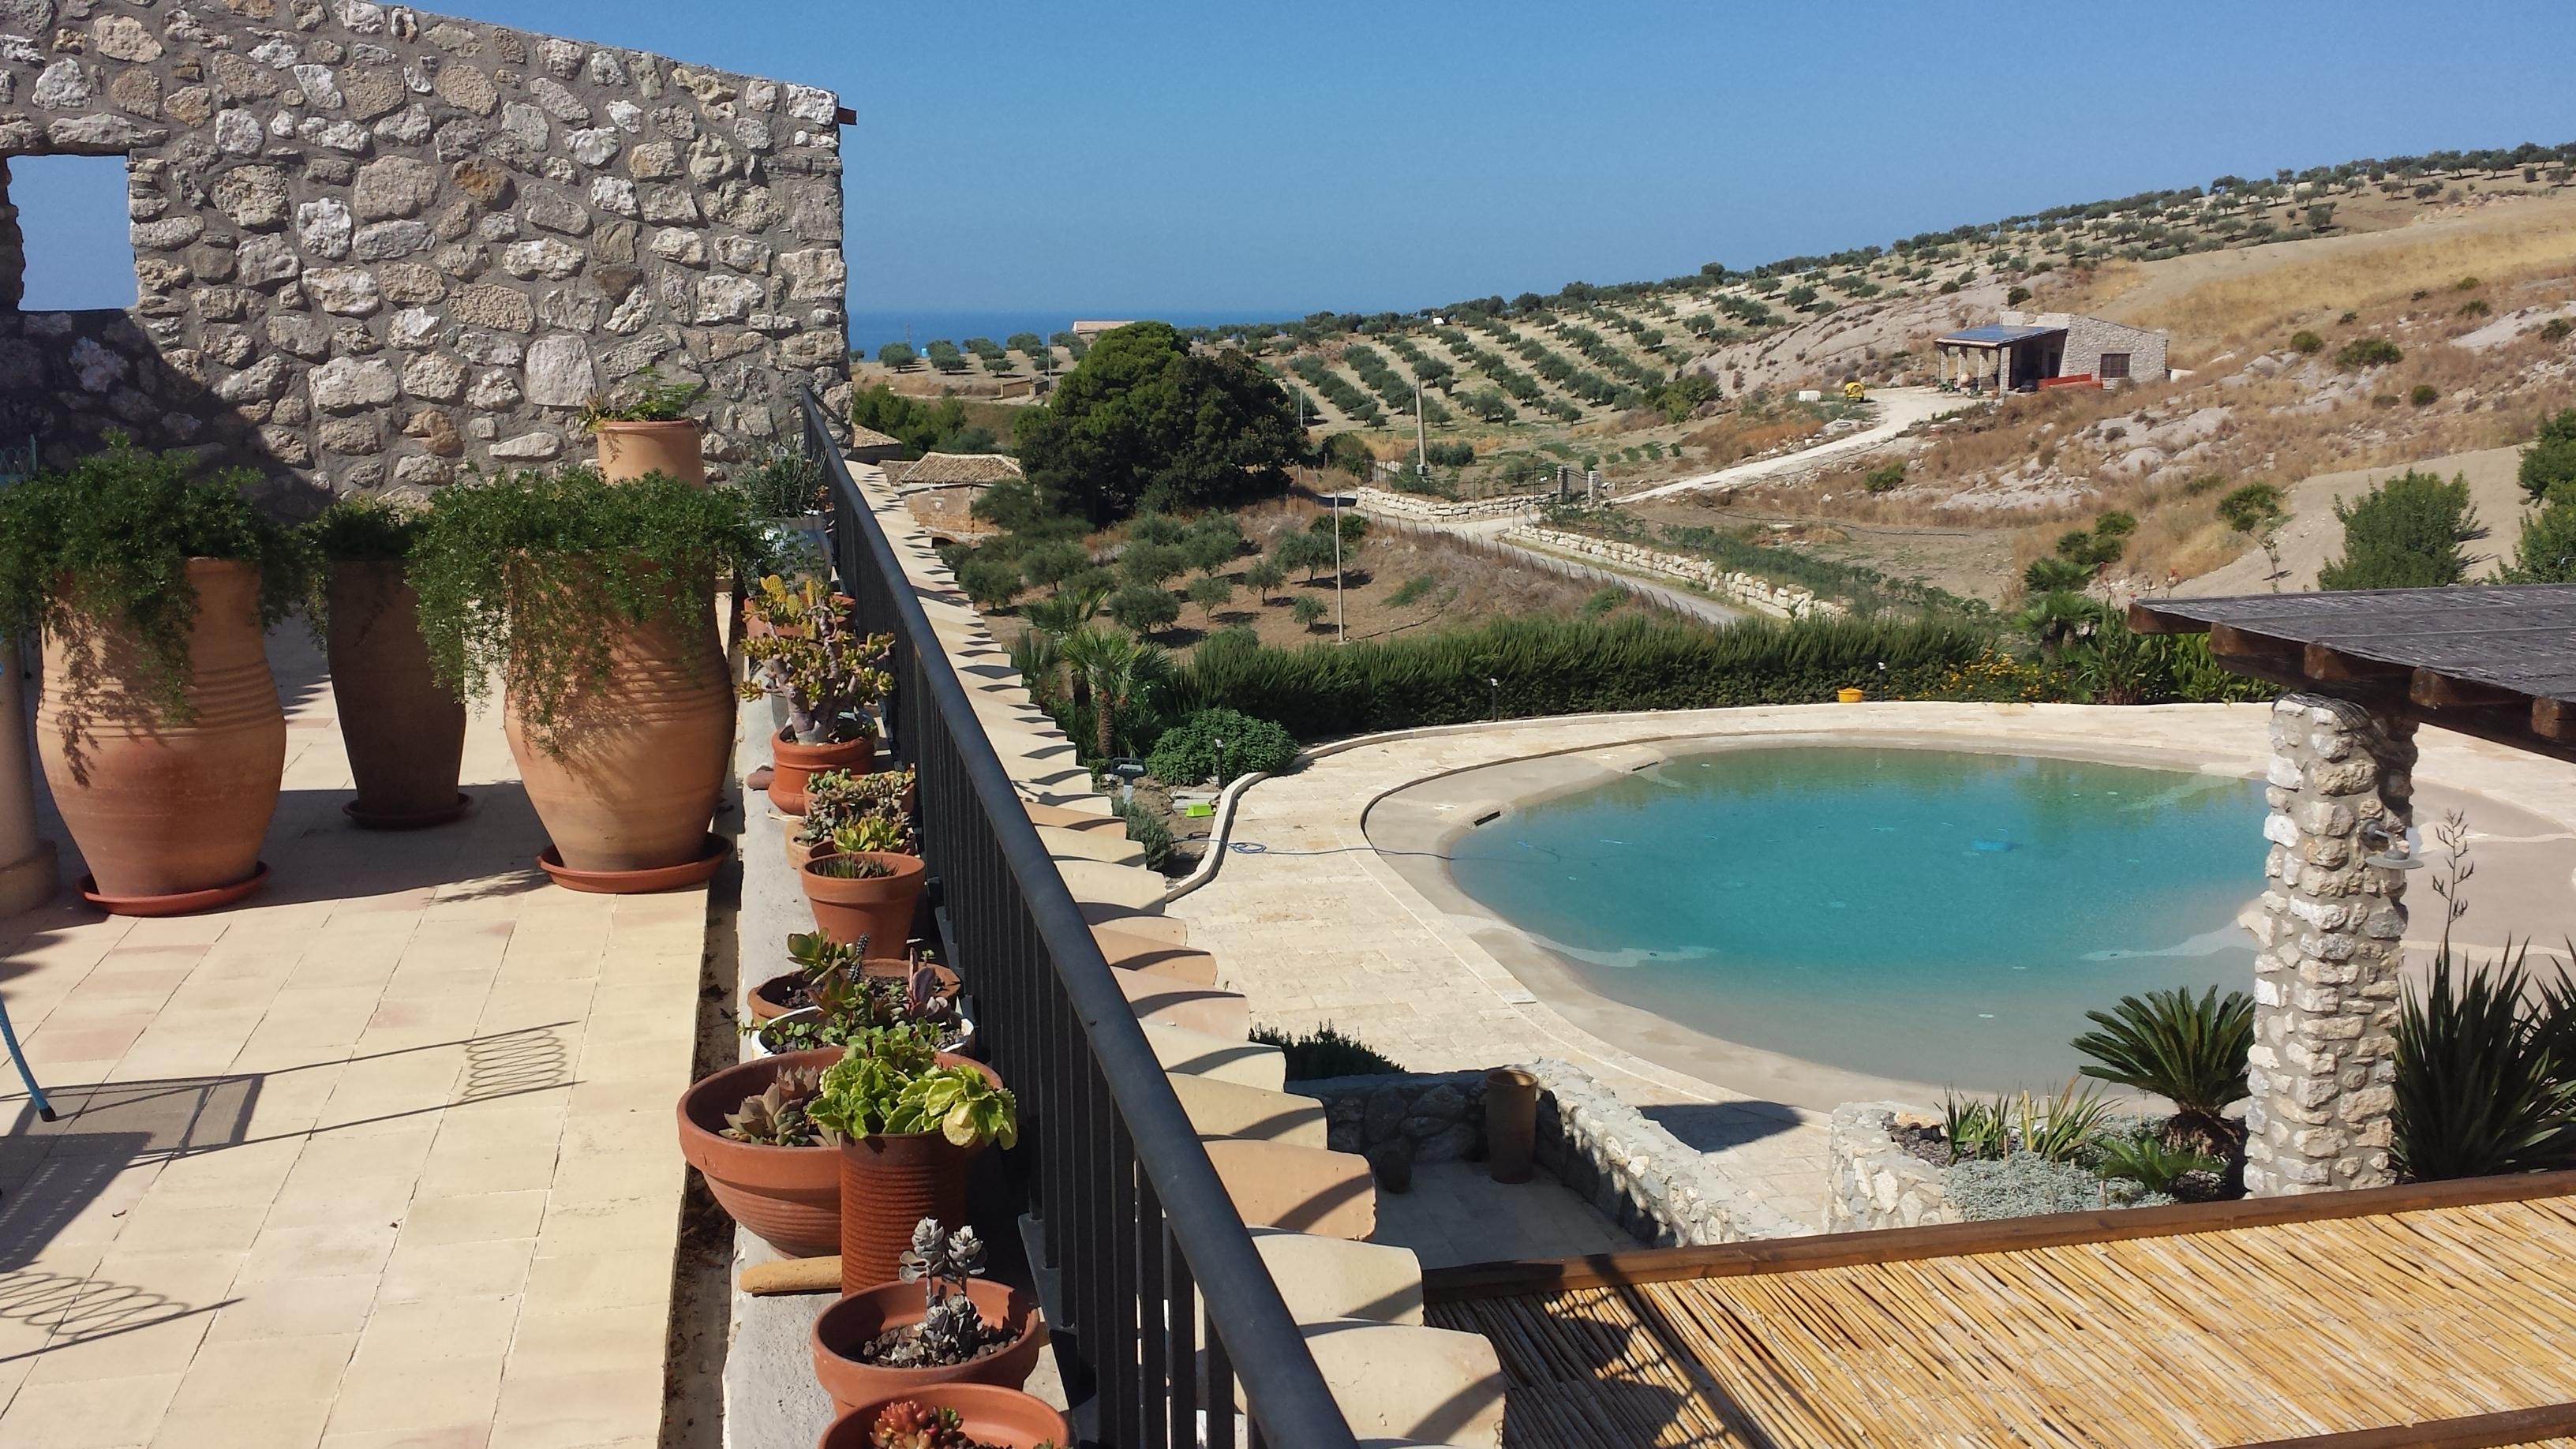 Agriturismo agrigento sicilia agriturismo casa balata agrigento realmonte valle dei - Agriturismo in sicilia con piscina ...